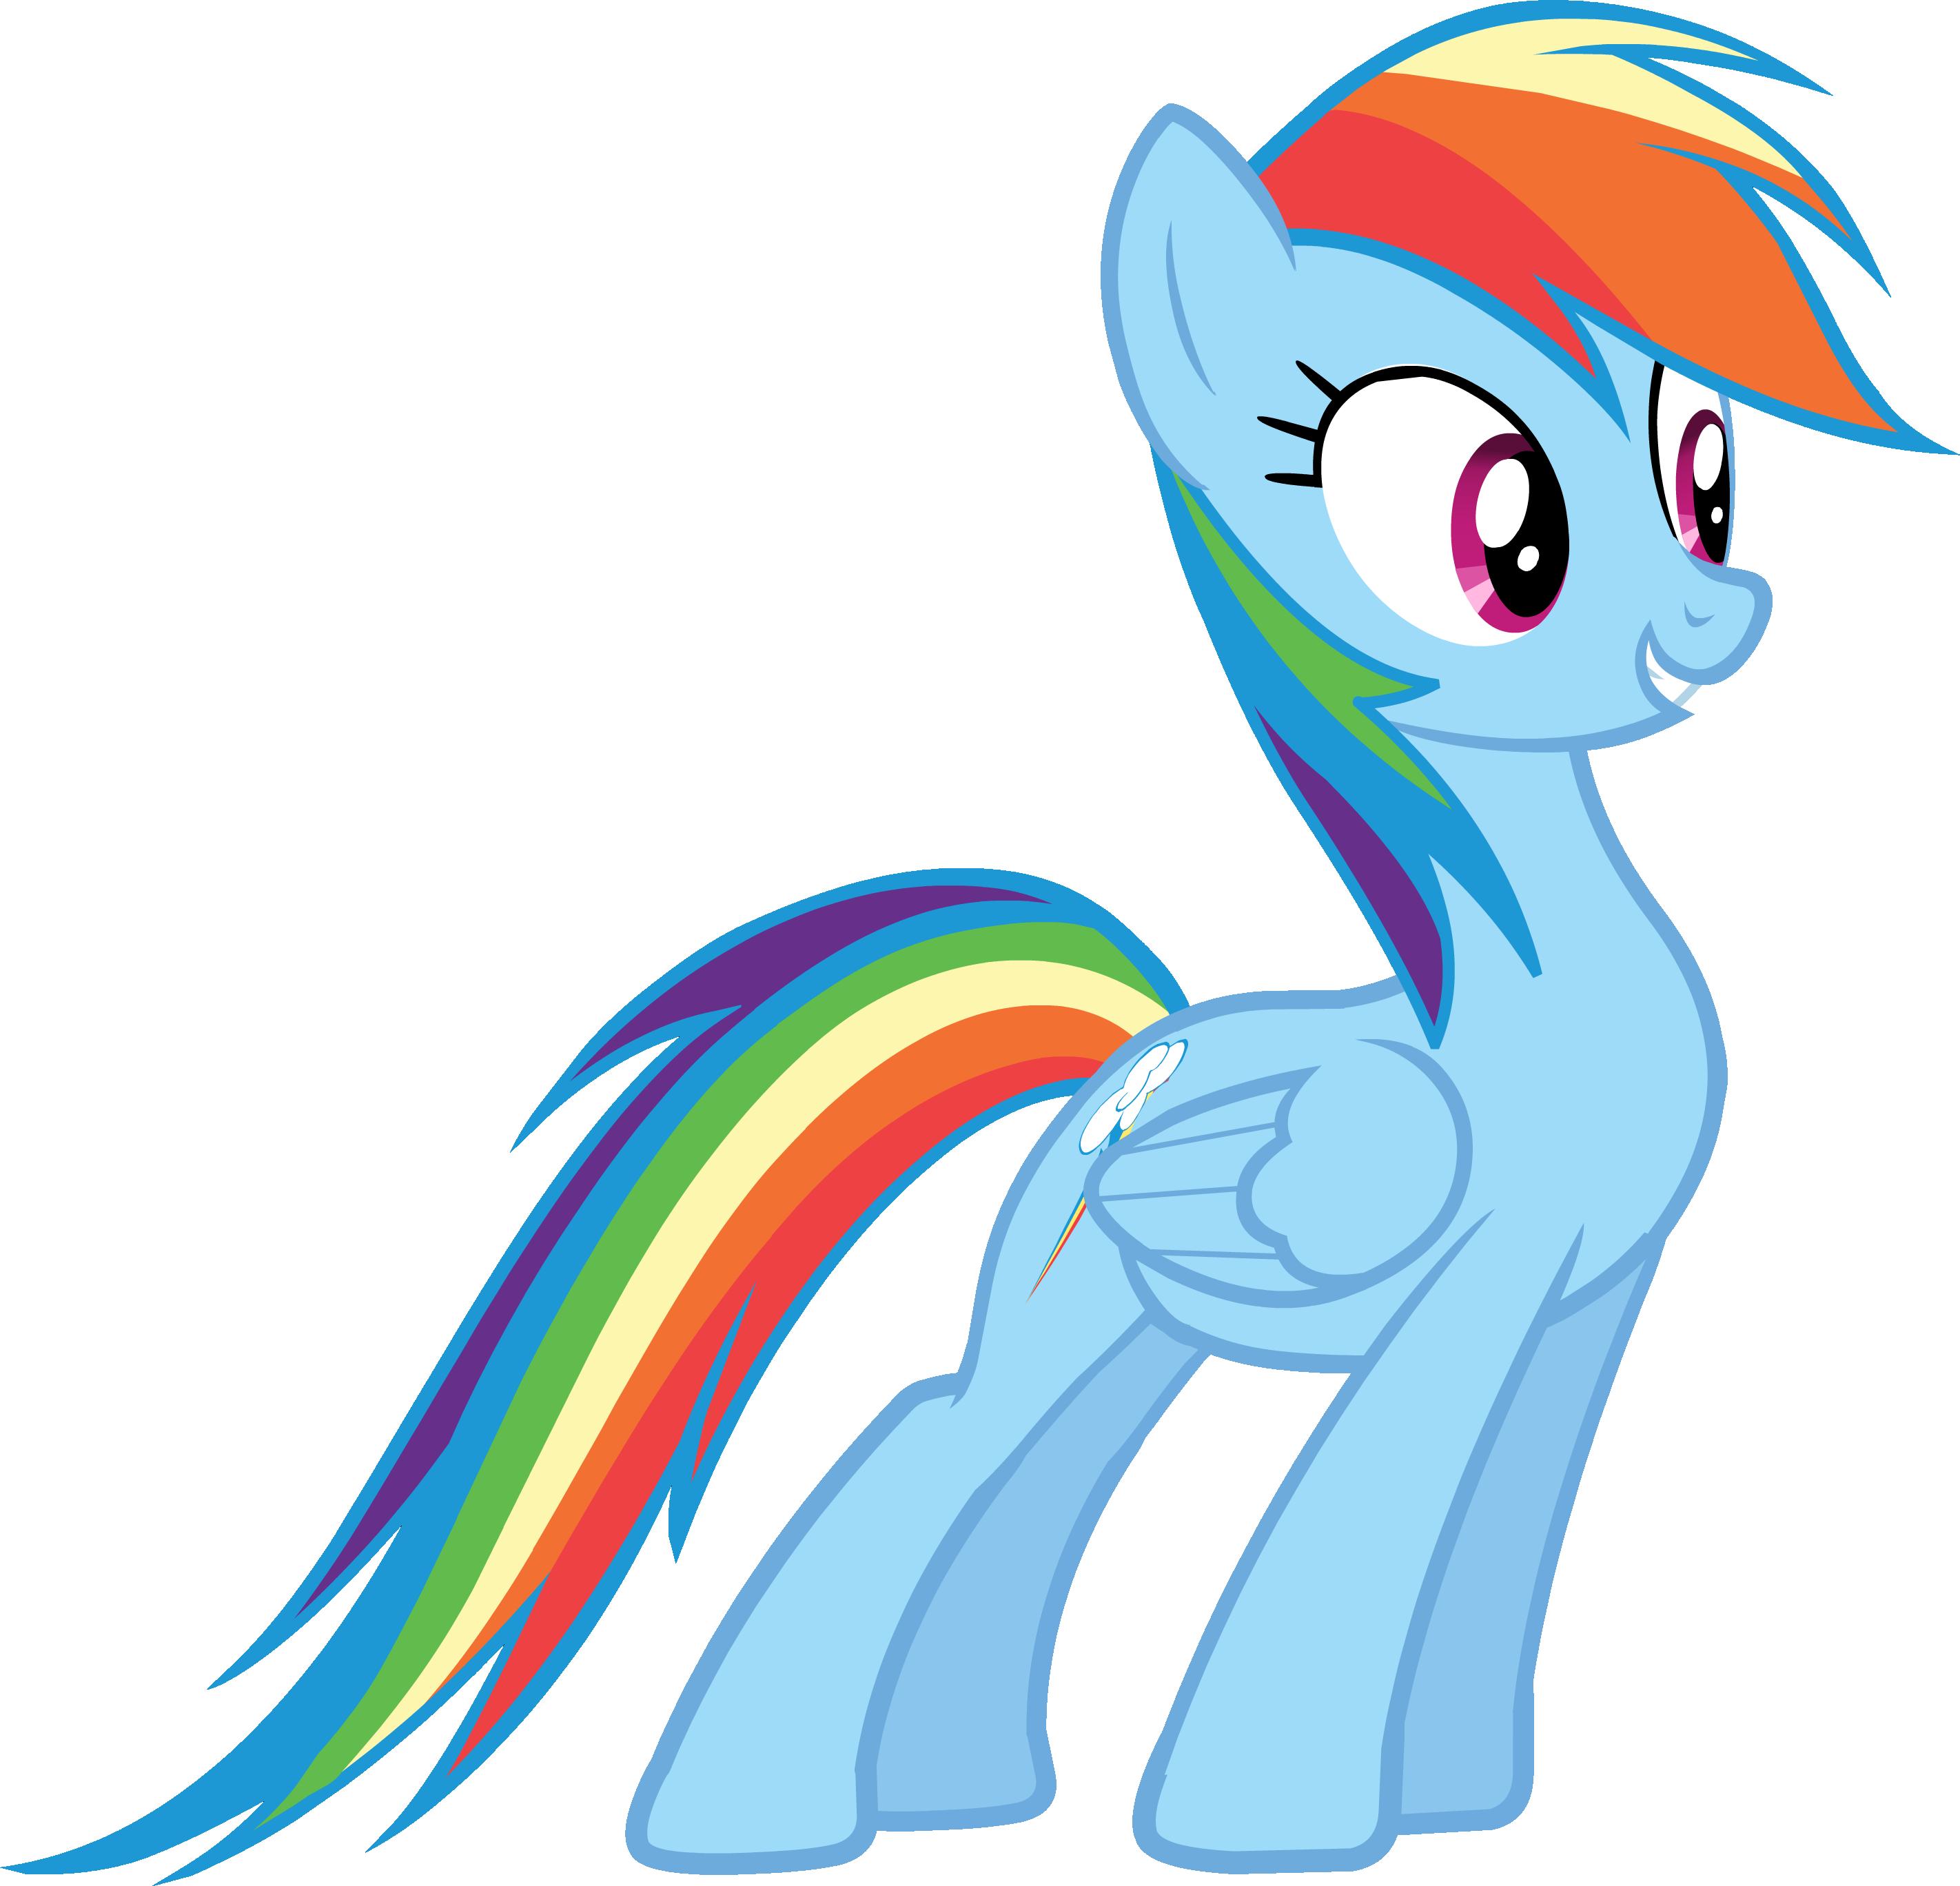 Image - Canterlot Castle Rainbow Dash 5.png - My Little Pony